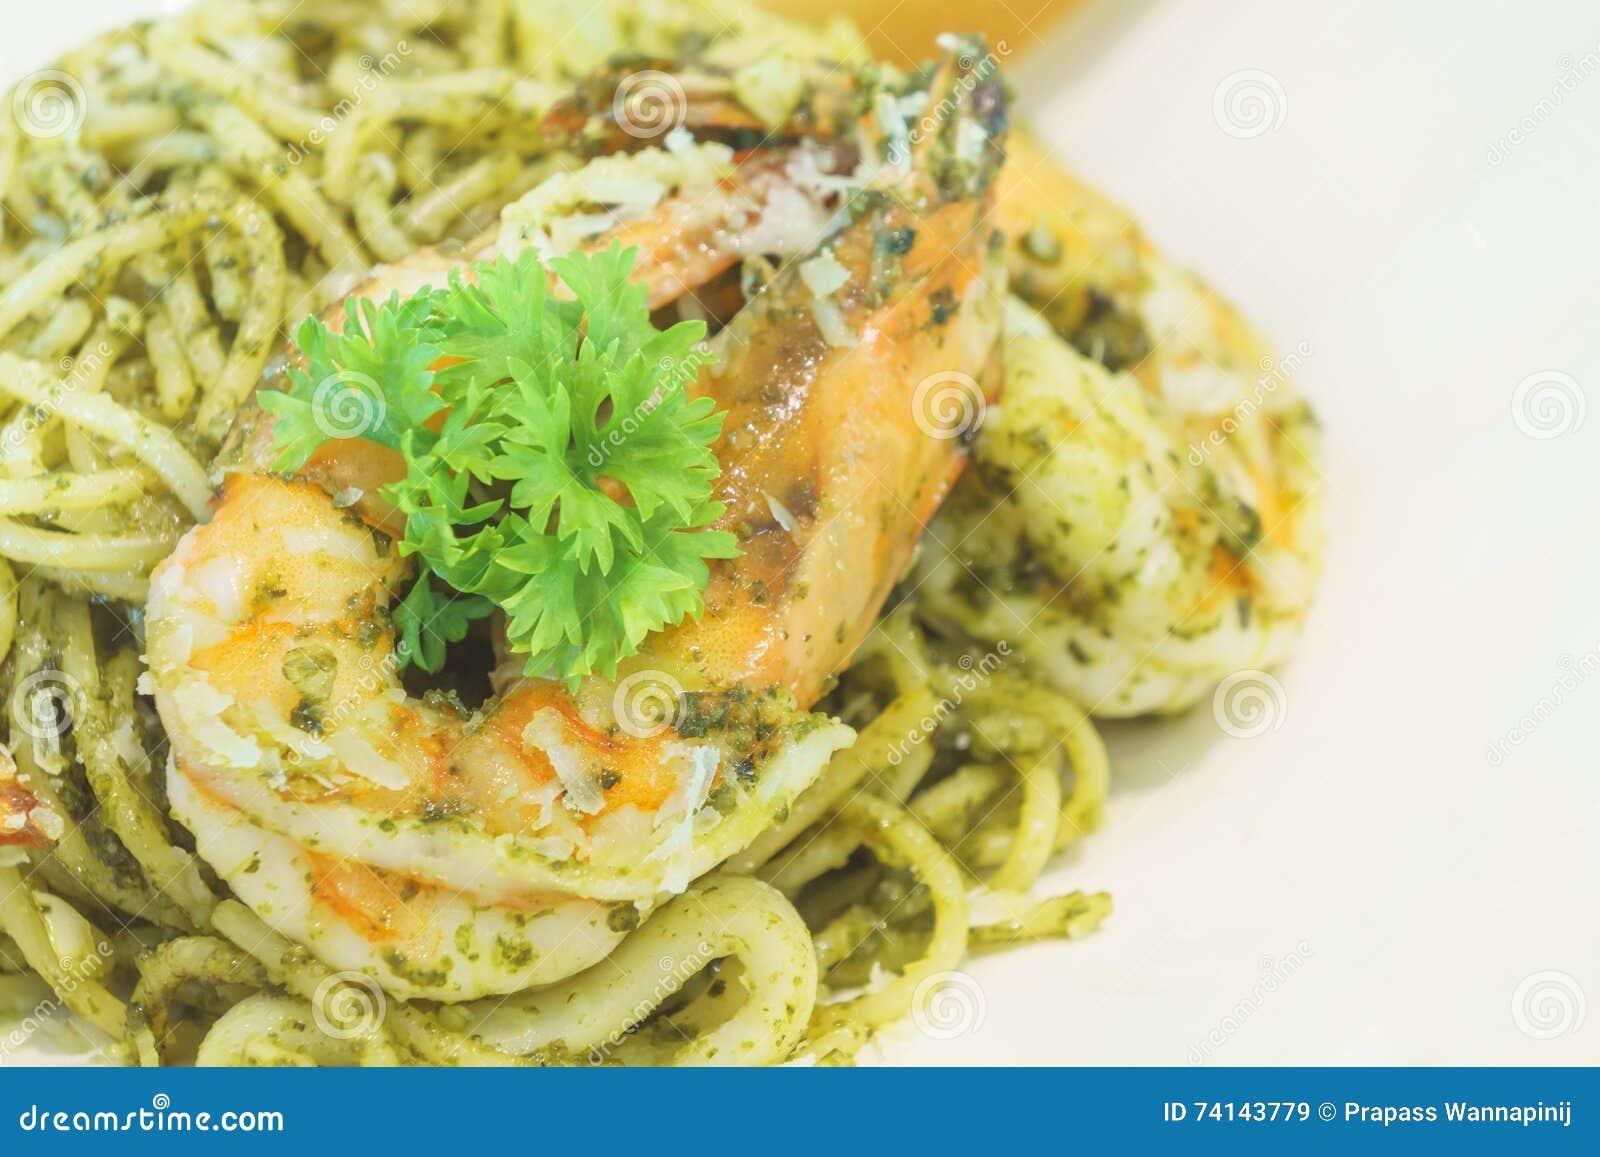 Pasta Pesto Prawn Sauce Scallop